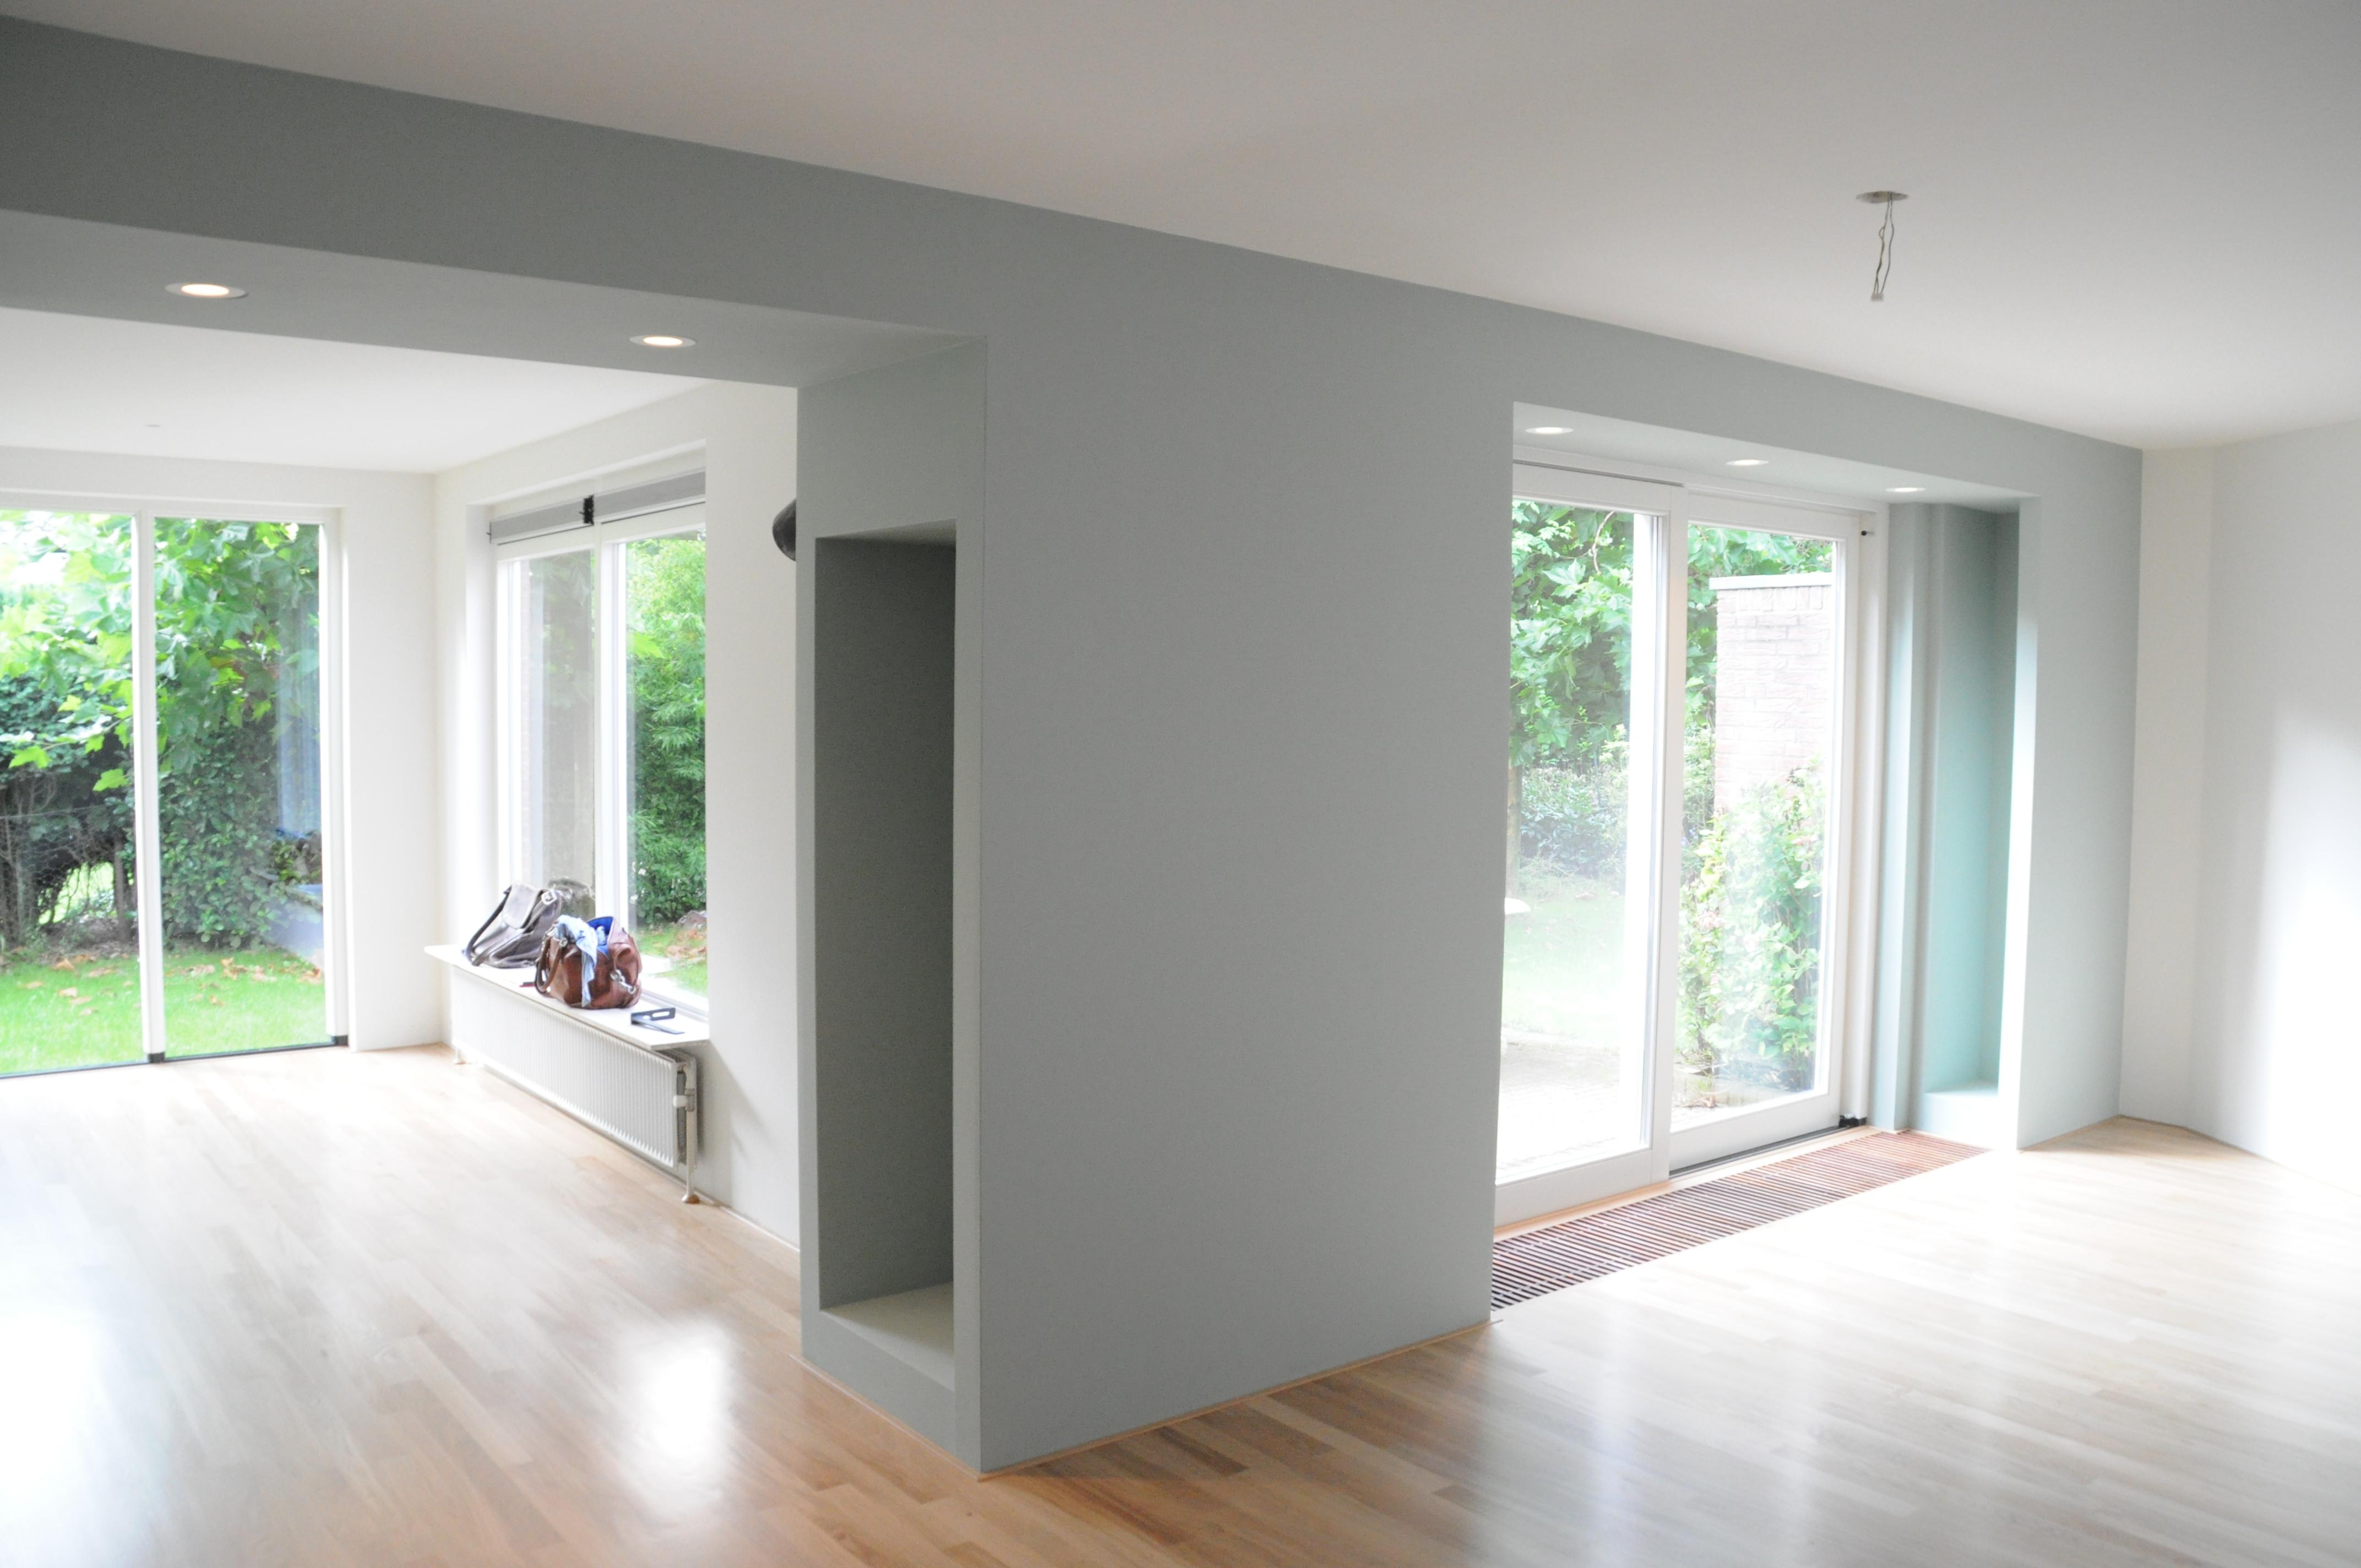 Doetinchem interieur architectuur architect (2).JPG